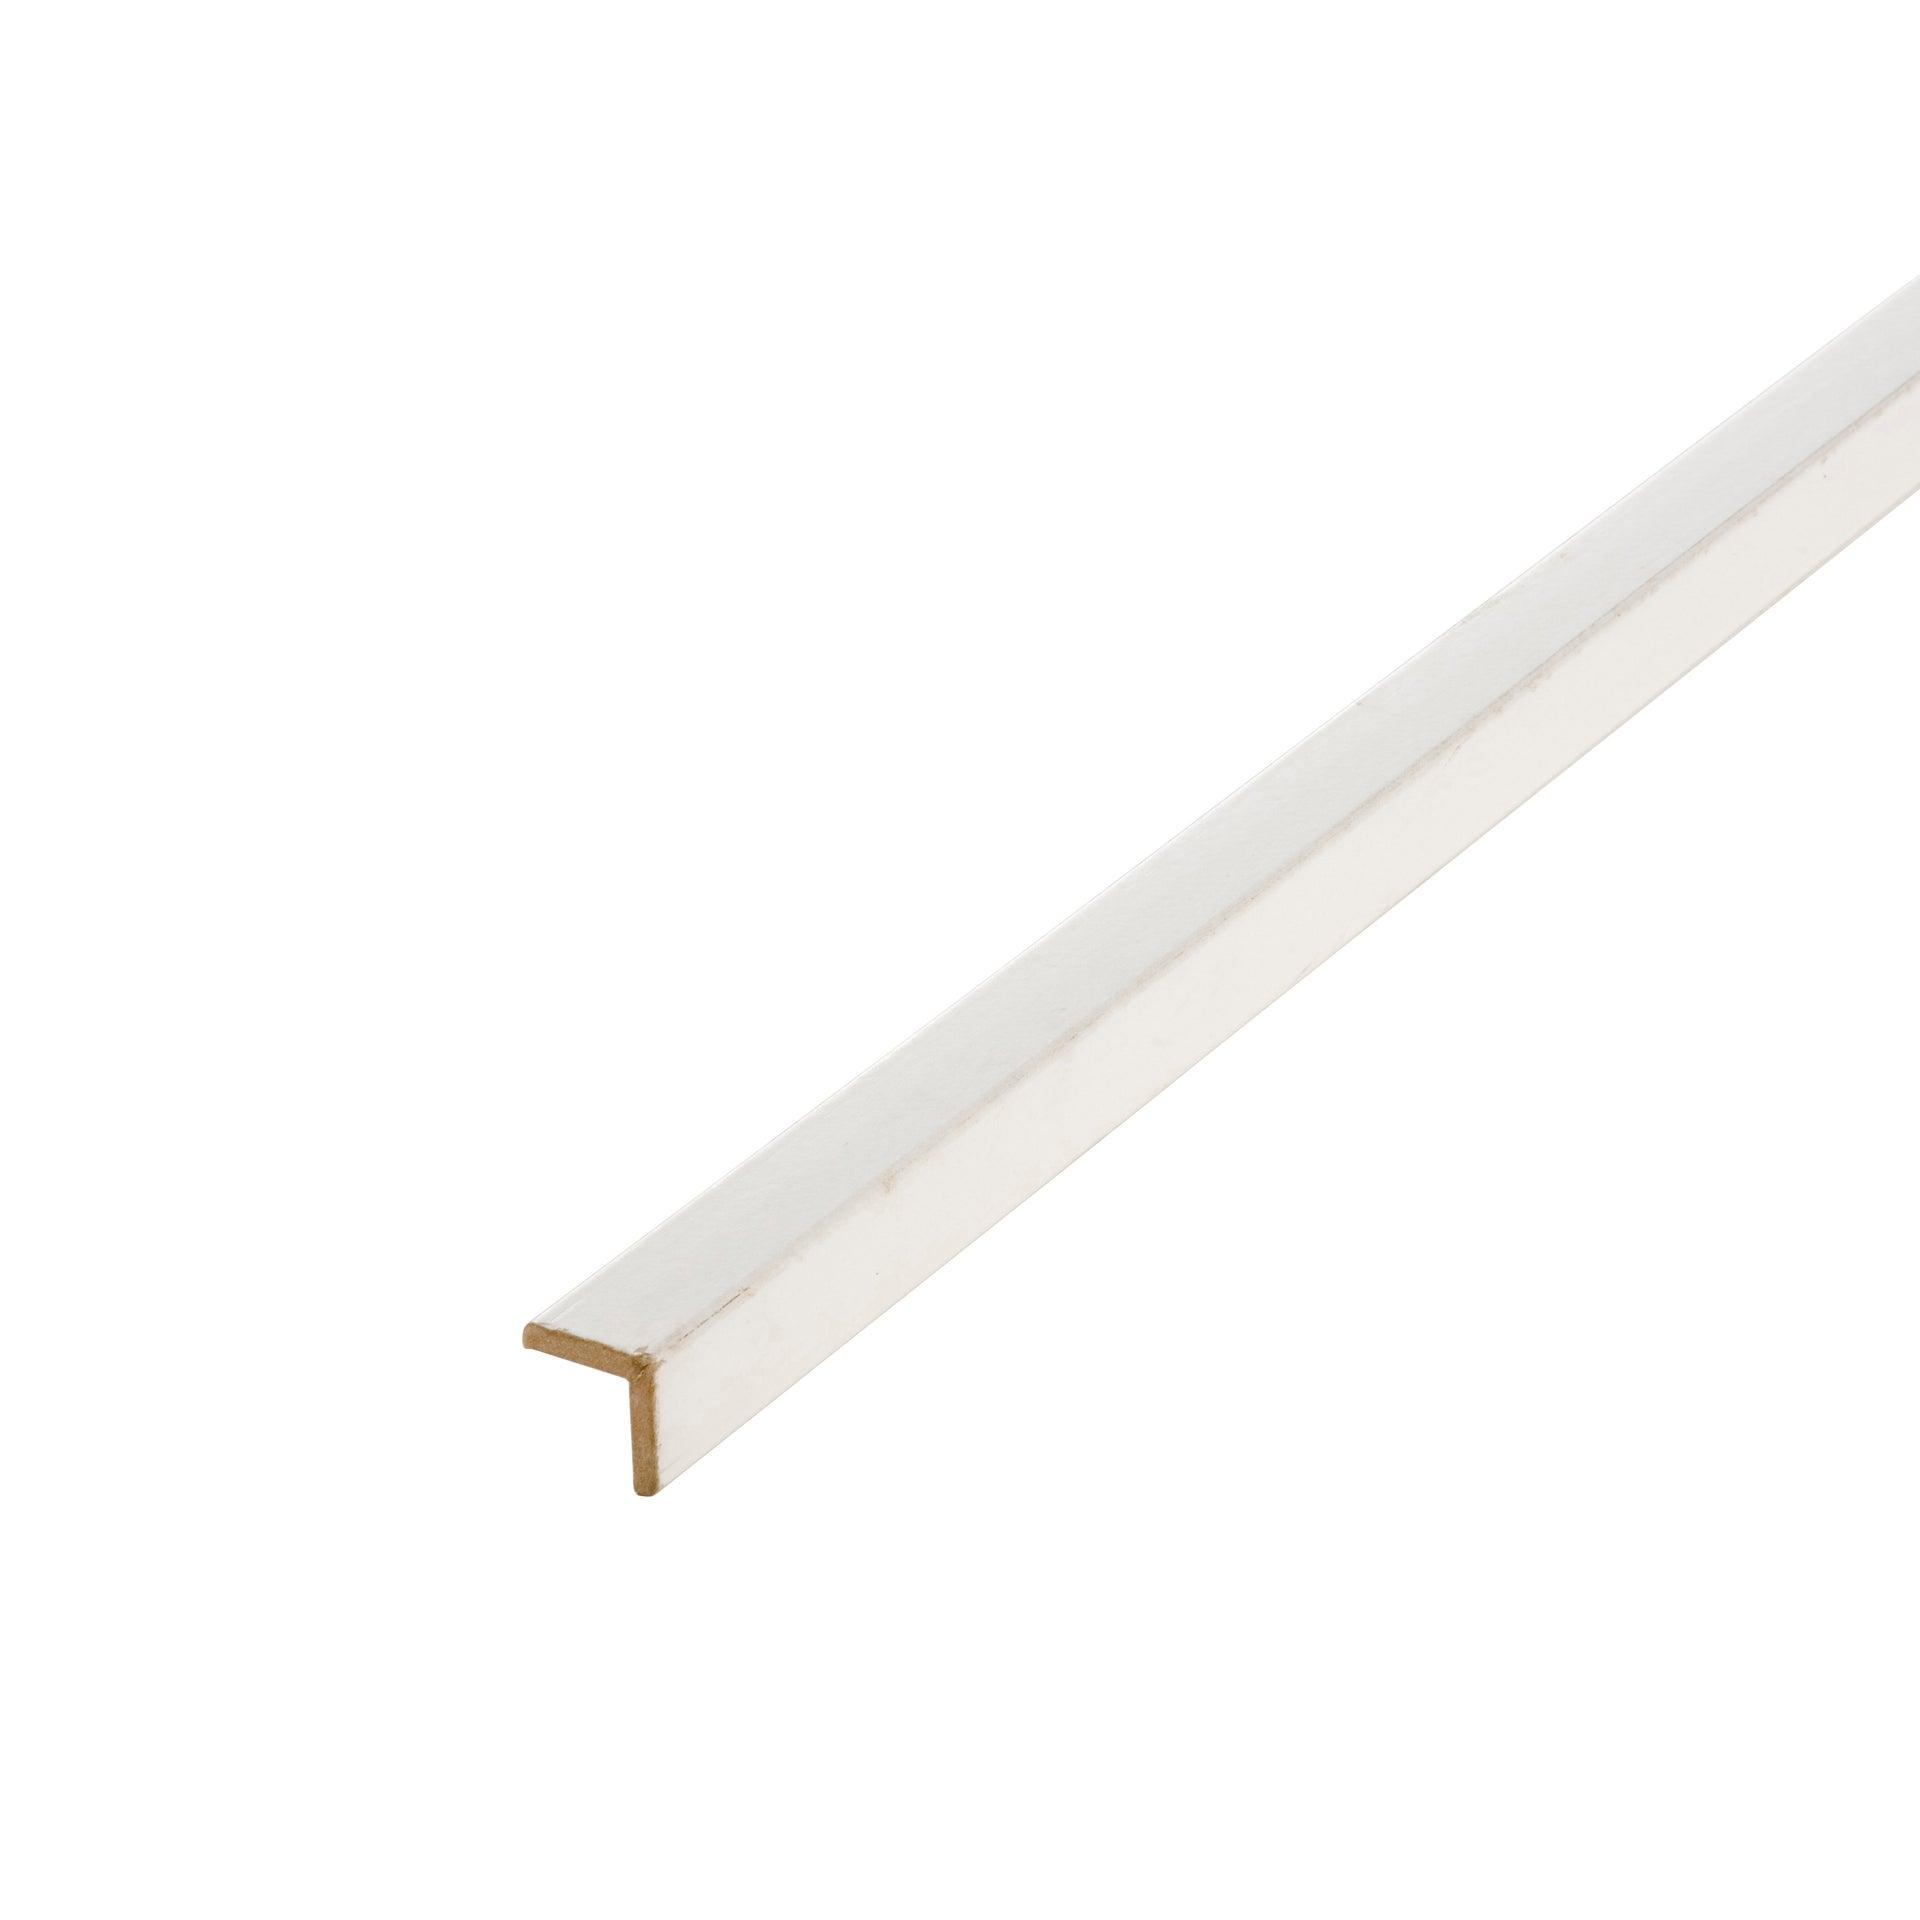 baguette d'angle médium mdf arrondie blanc 28 x 28 mm